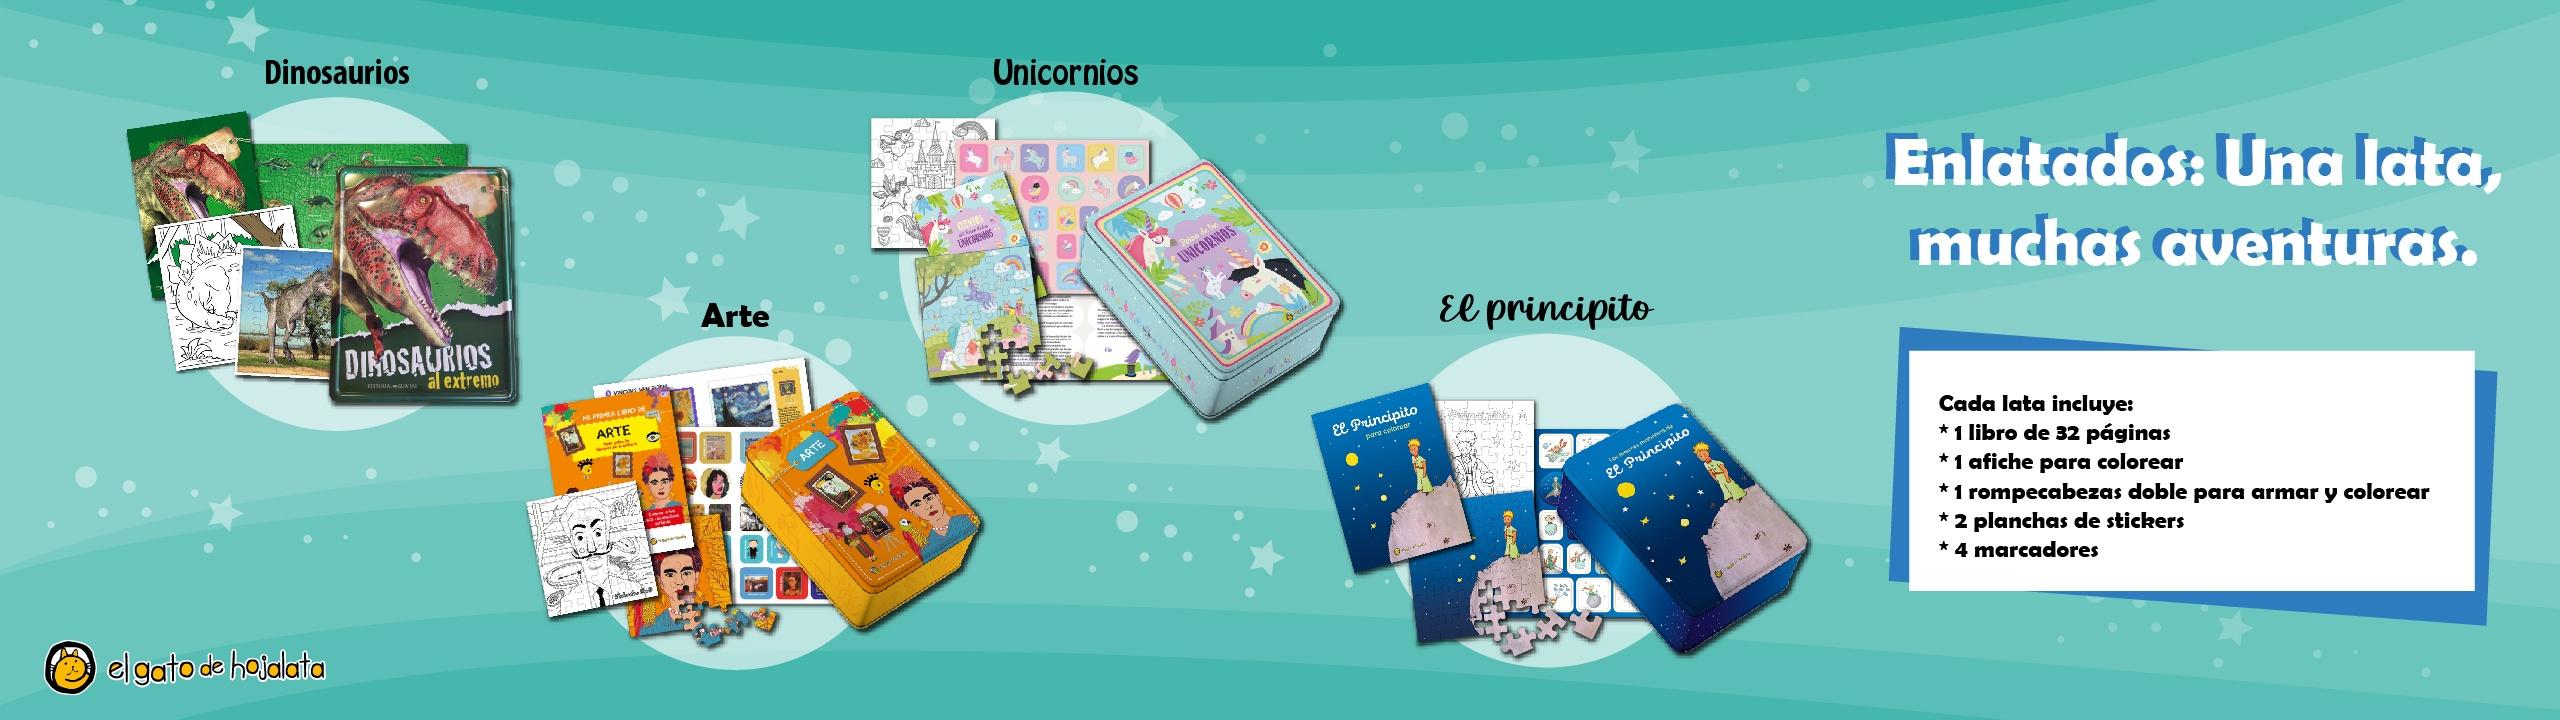 ENLATADOS_Banner WEB_1920x540_